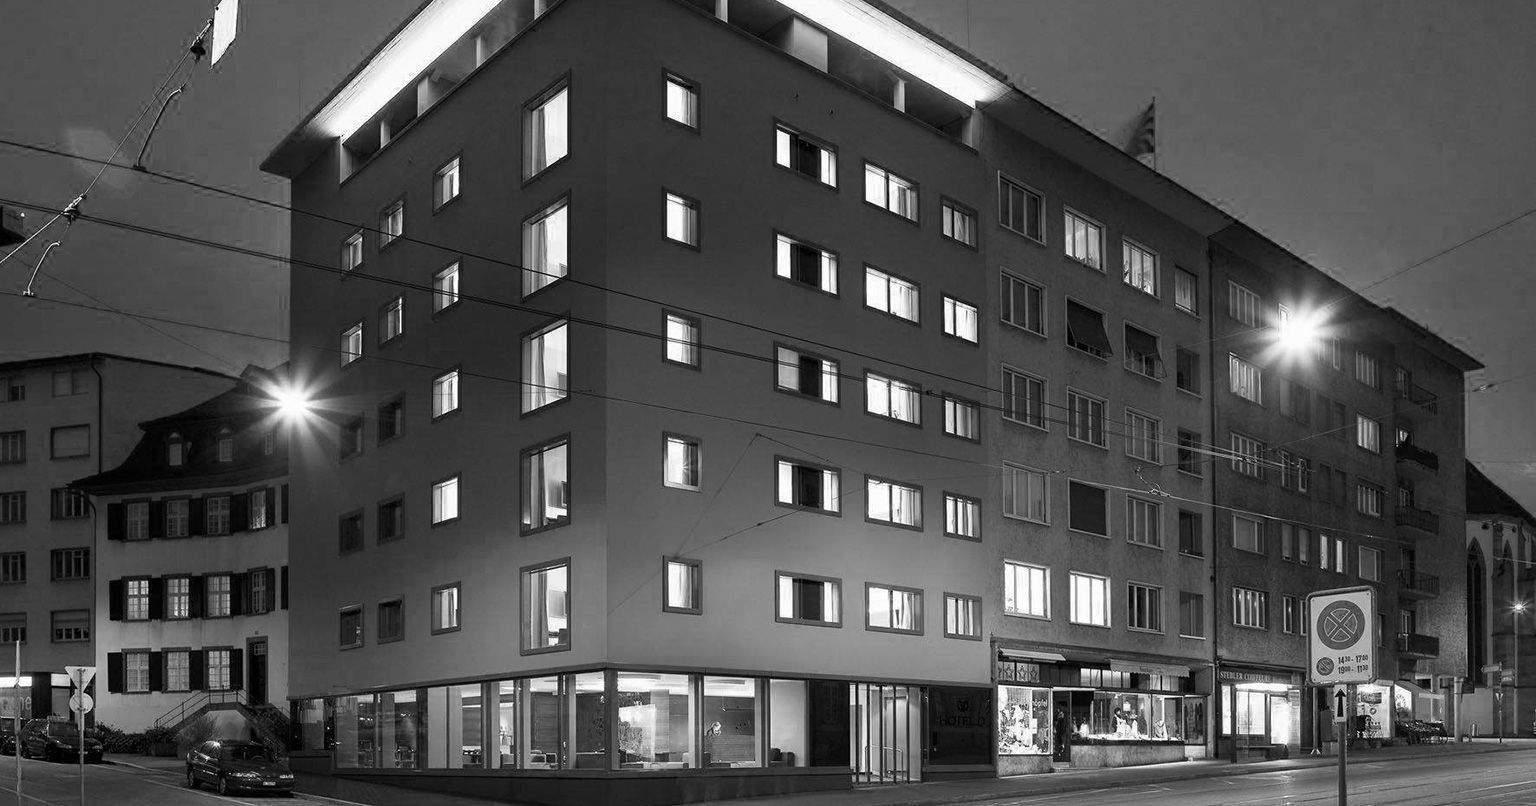 Vue extérieurede l'Hôtel D Bâle· Suisse· Hôtel Design 4 étoiles